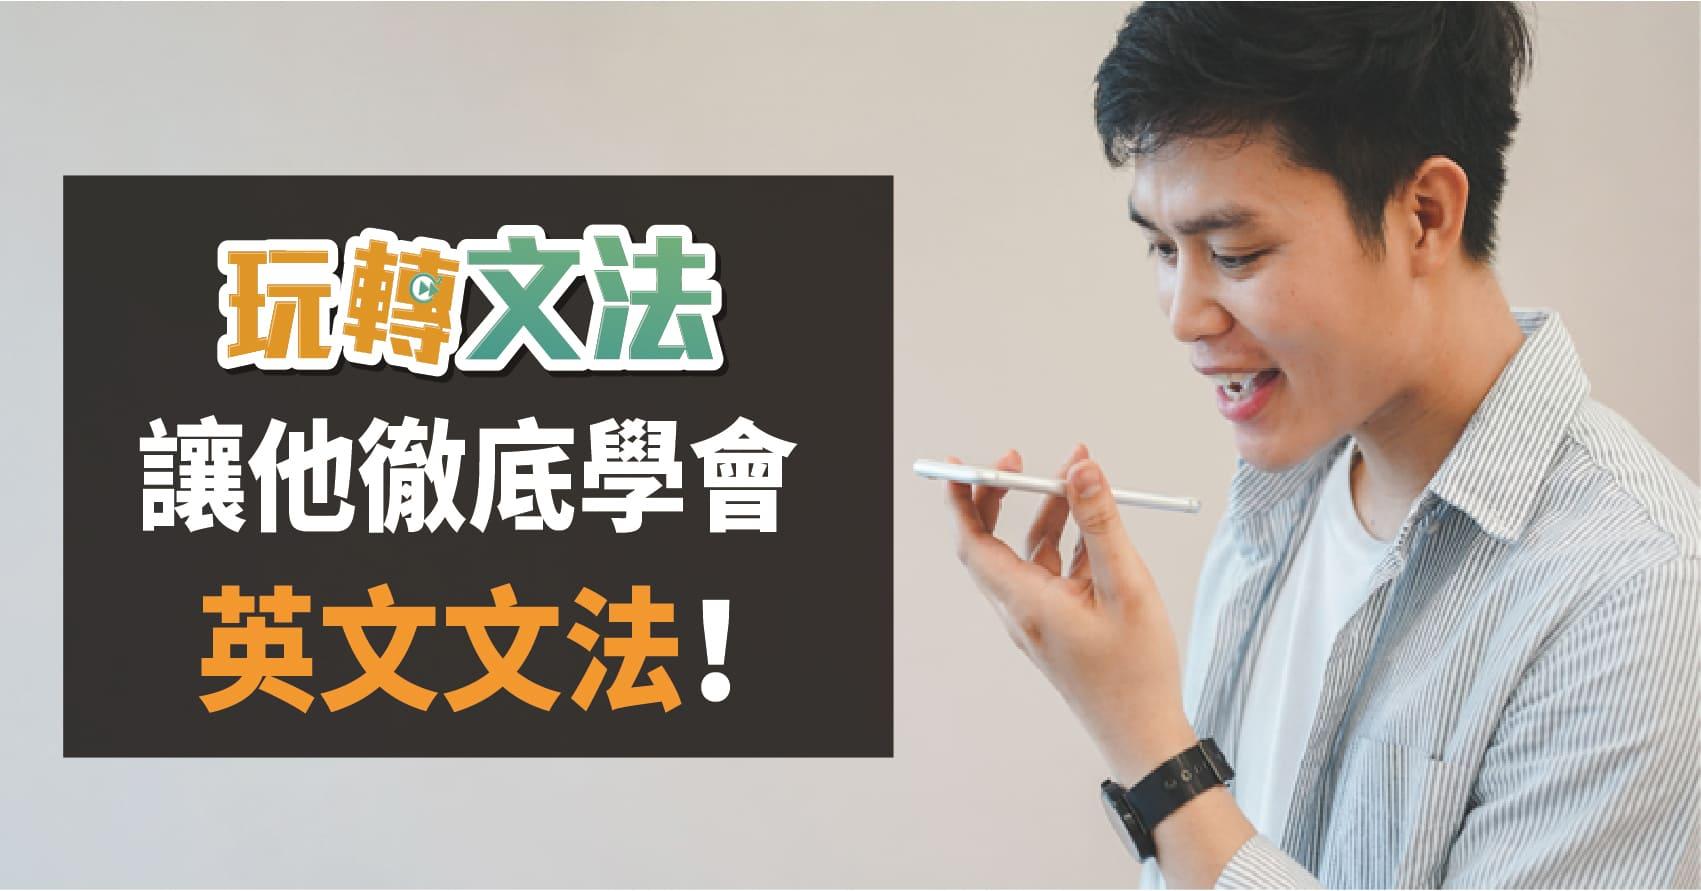 【學員心得分享】玩轉文法,讓他徹底學會英文文法!